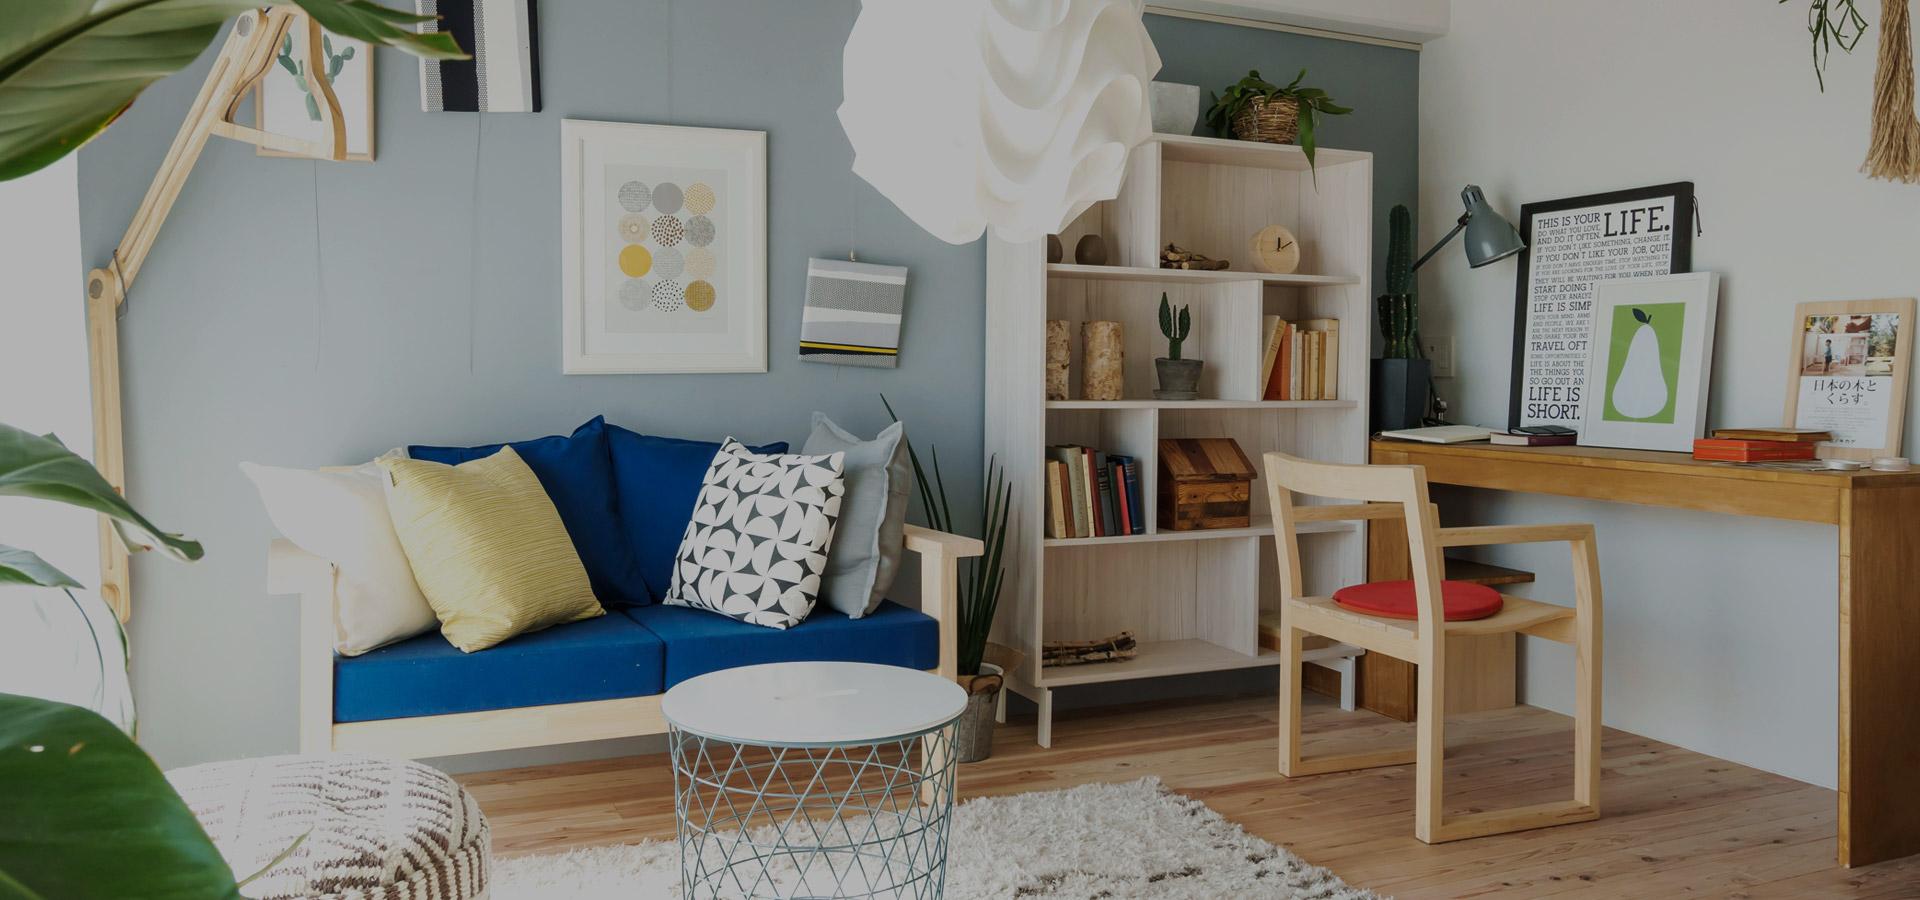 都市型生活をより便利に、より快適に 総合不動産ではお客様の家族構成や将来設計に合わせた物件のご紹介を心掛けています。